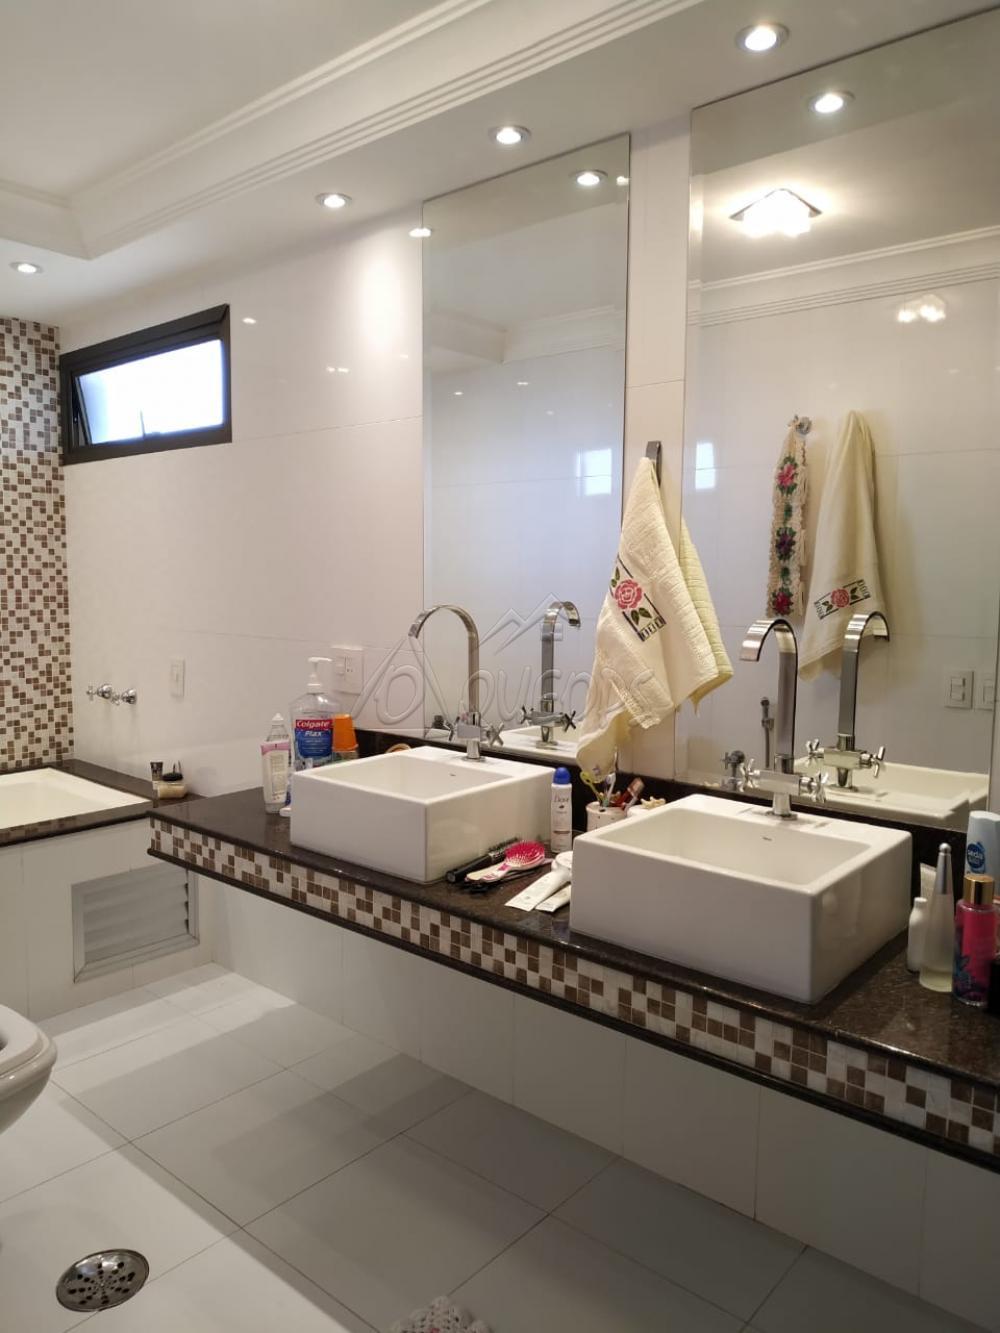 Comprar Apartamento / Padrão em Barretos apenas R$ 1.200.000,00 - Foto 22